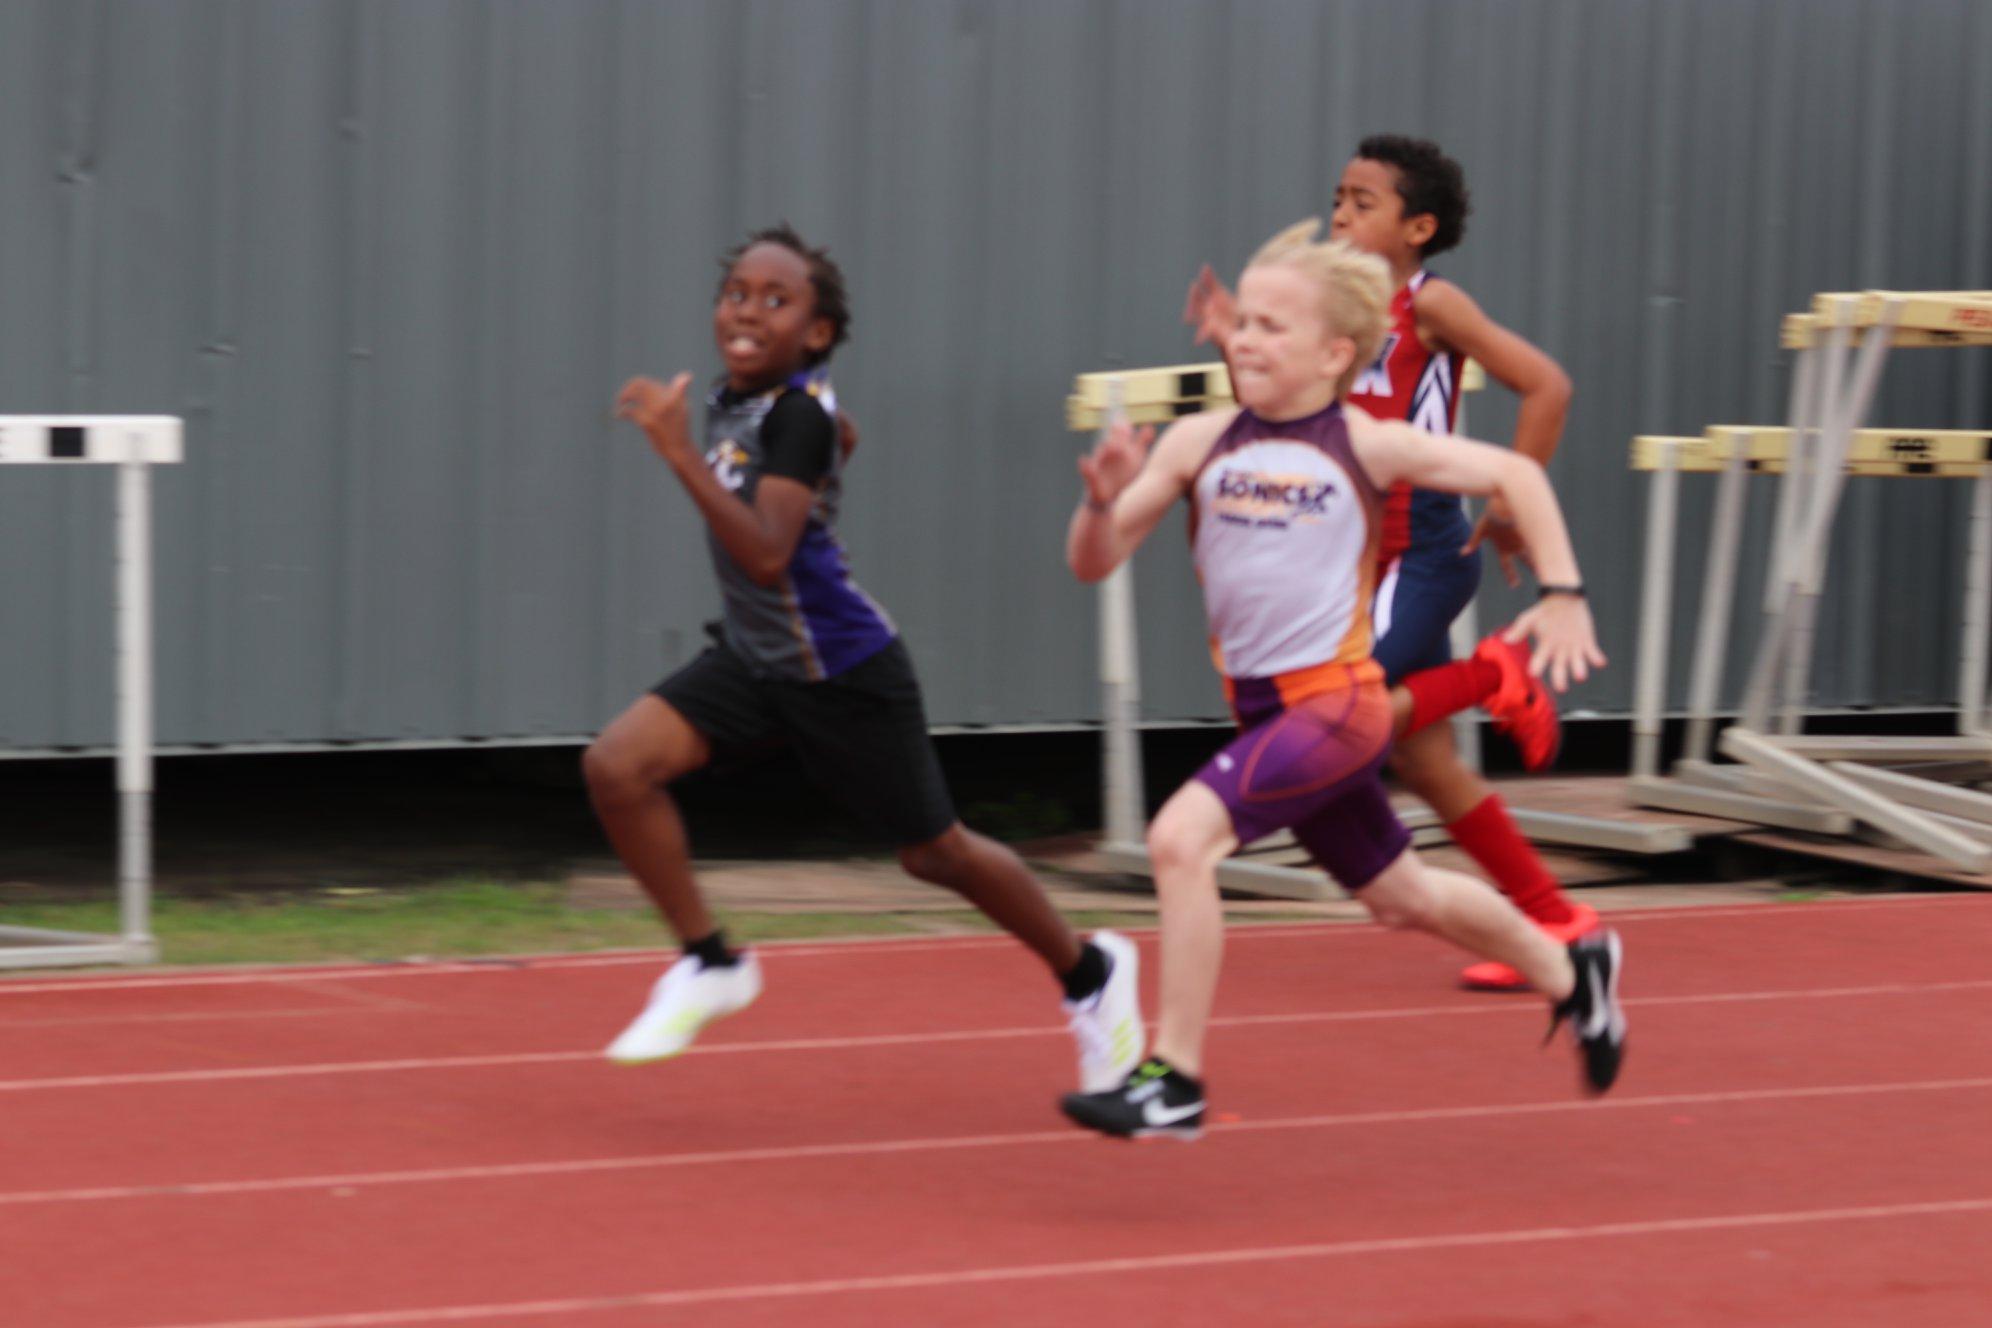 Morgan running the 100